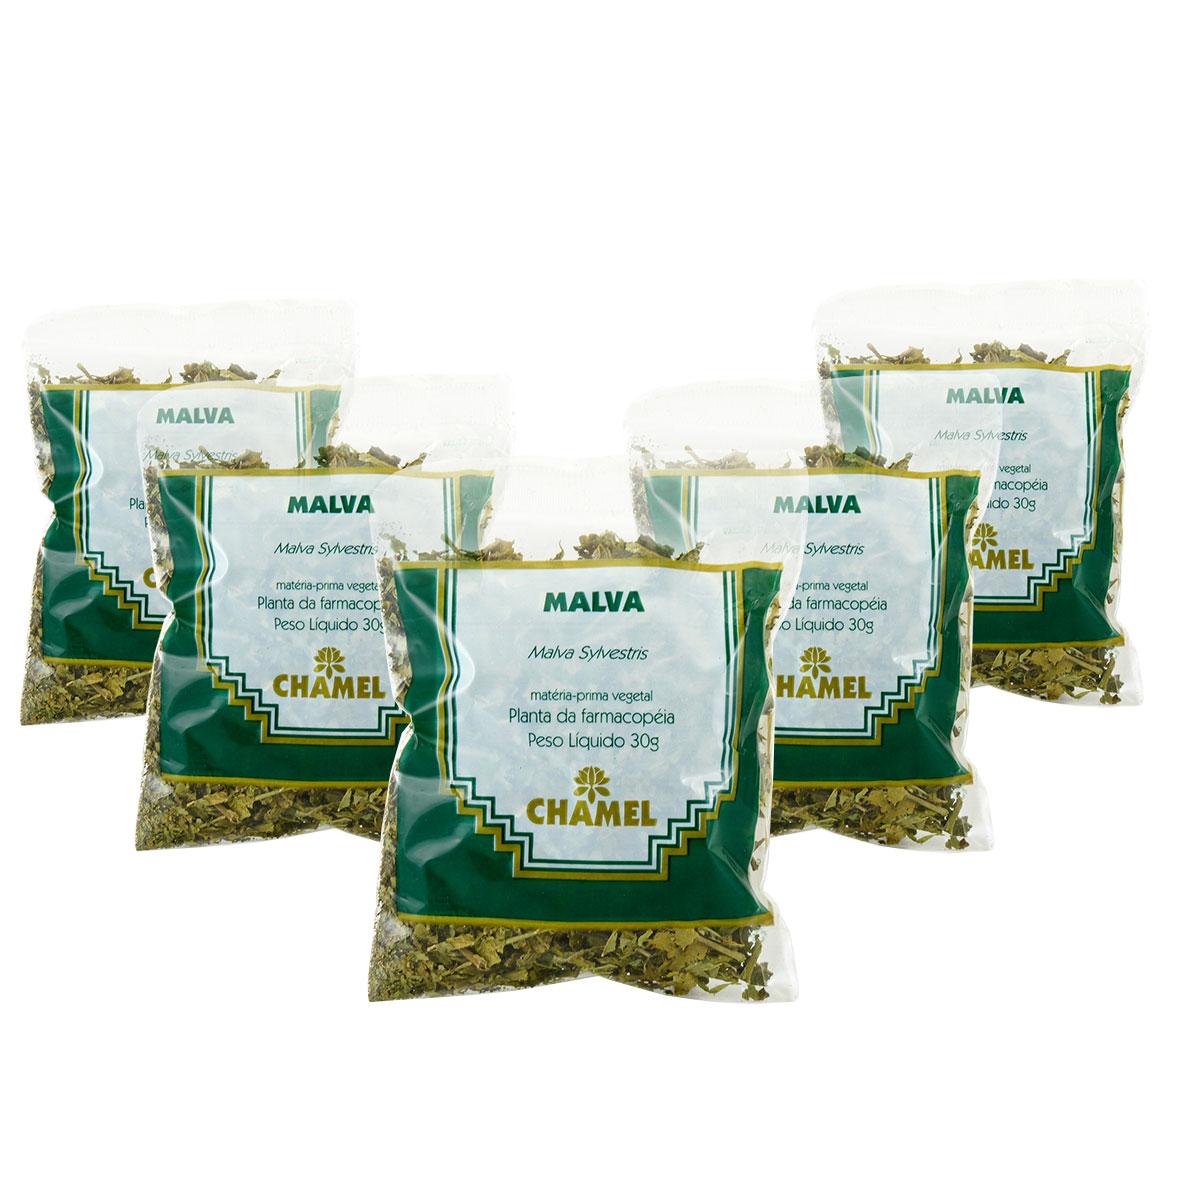 Malva 30g Chamel com 5 Unidades - Chá-Folhas